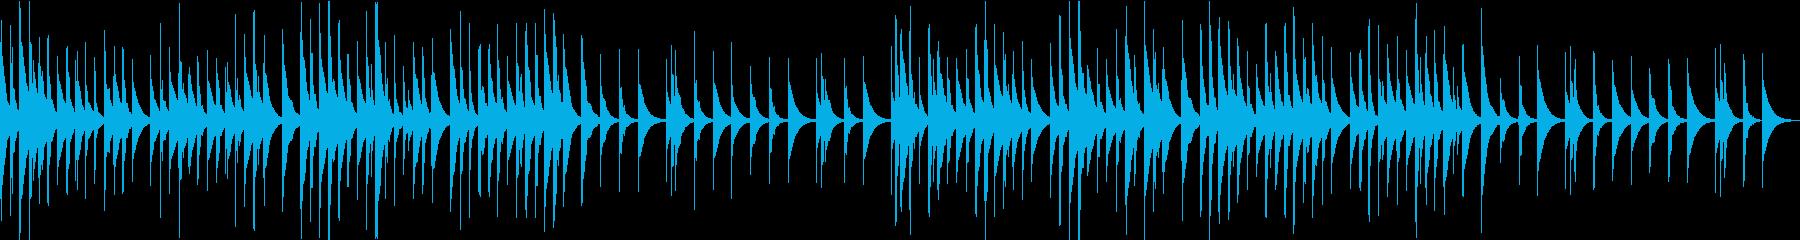 幸せな感情をイメージしたオルゴール曲の再生済みの波形